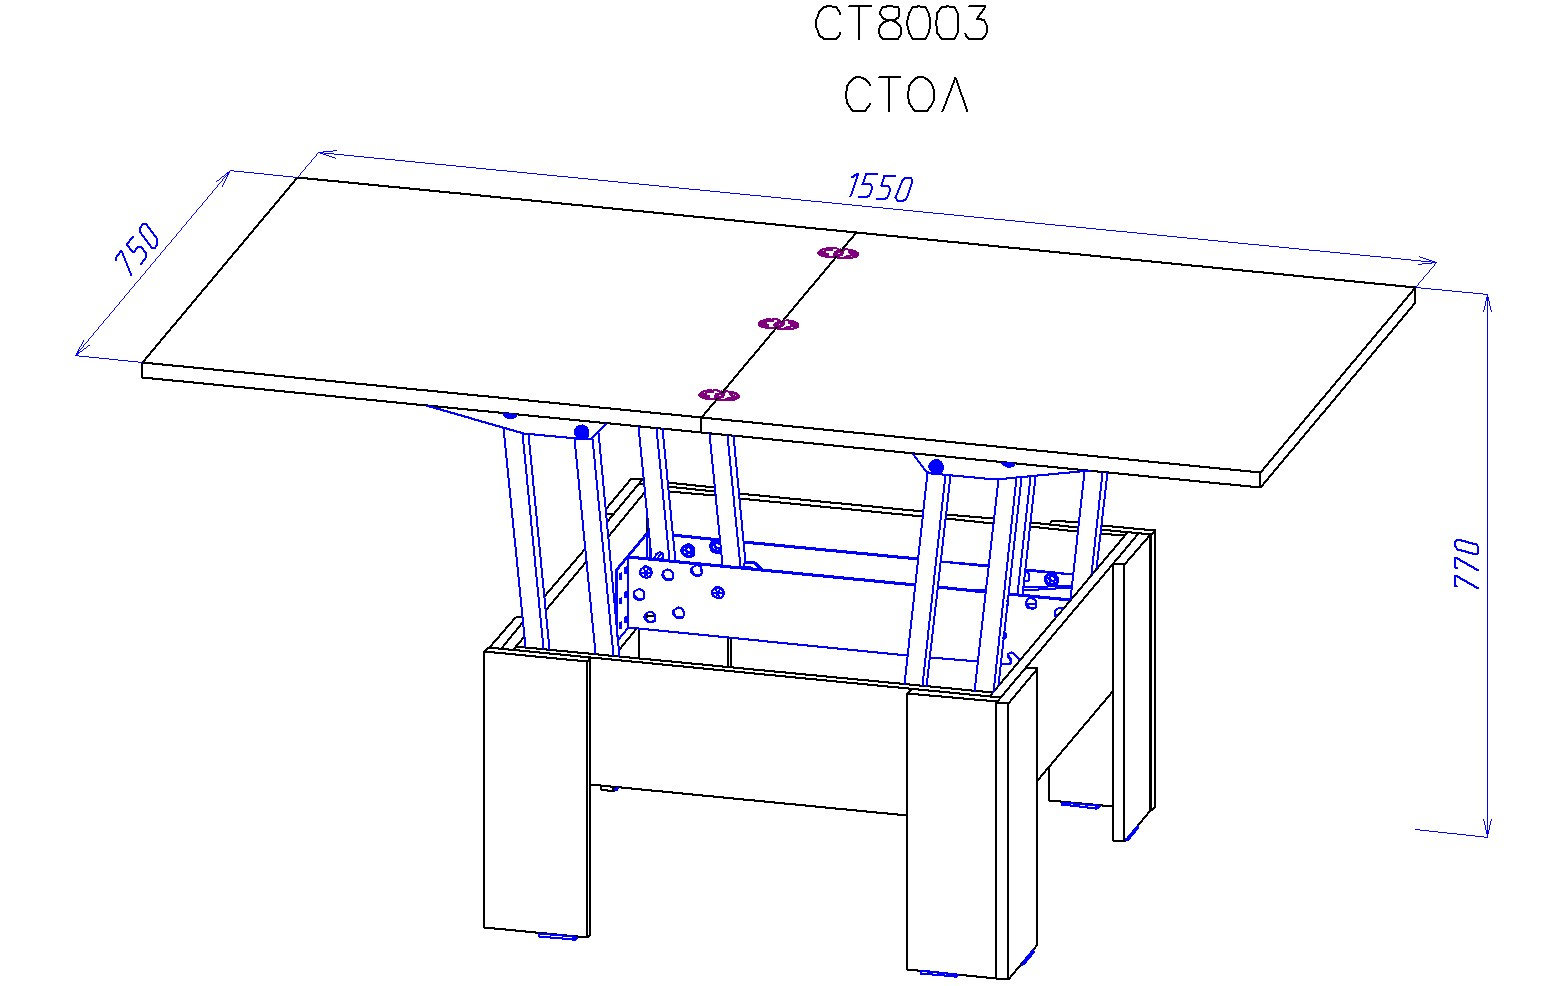 Стол трансформер своими руками 300 фото, чертежи, инструкции 51